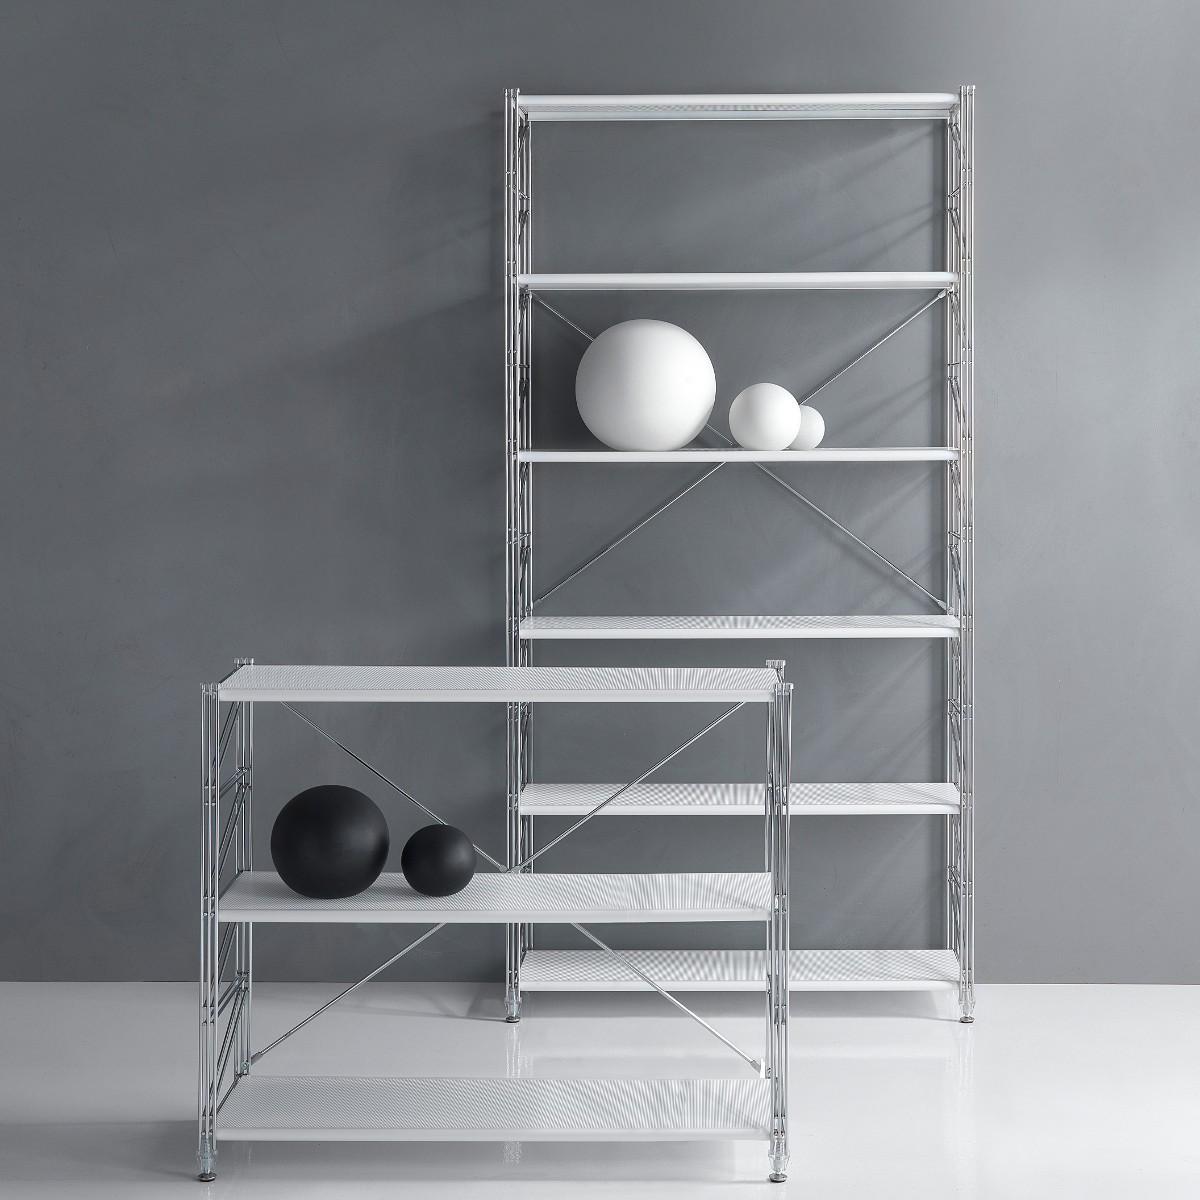 Librerie componibili in acciaio: come creare scaffali e ...